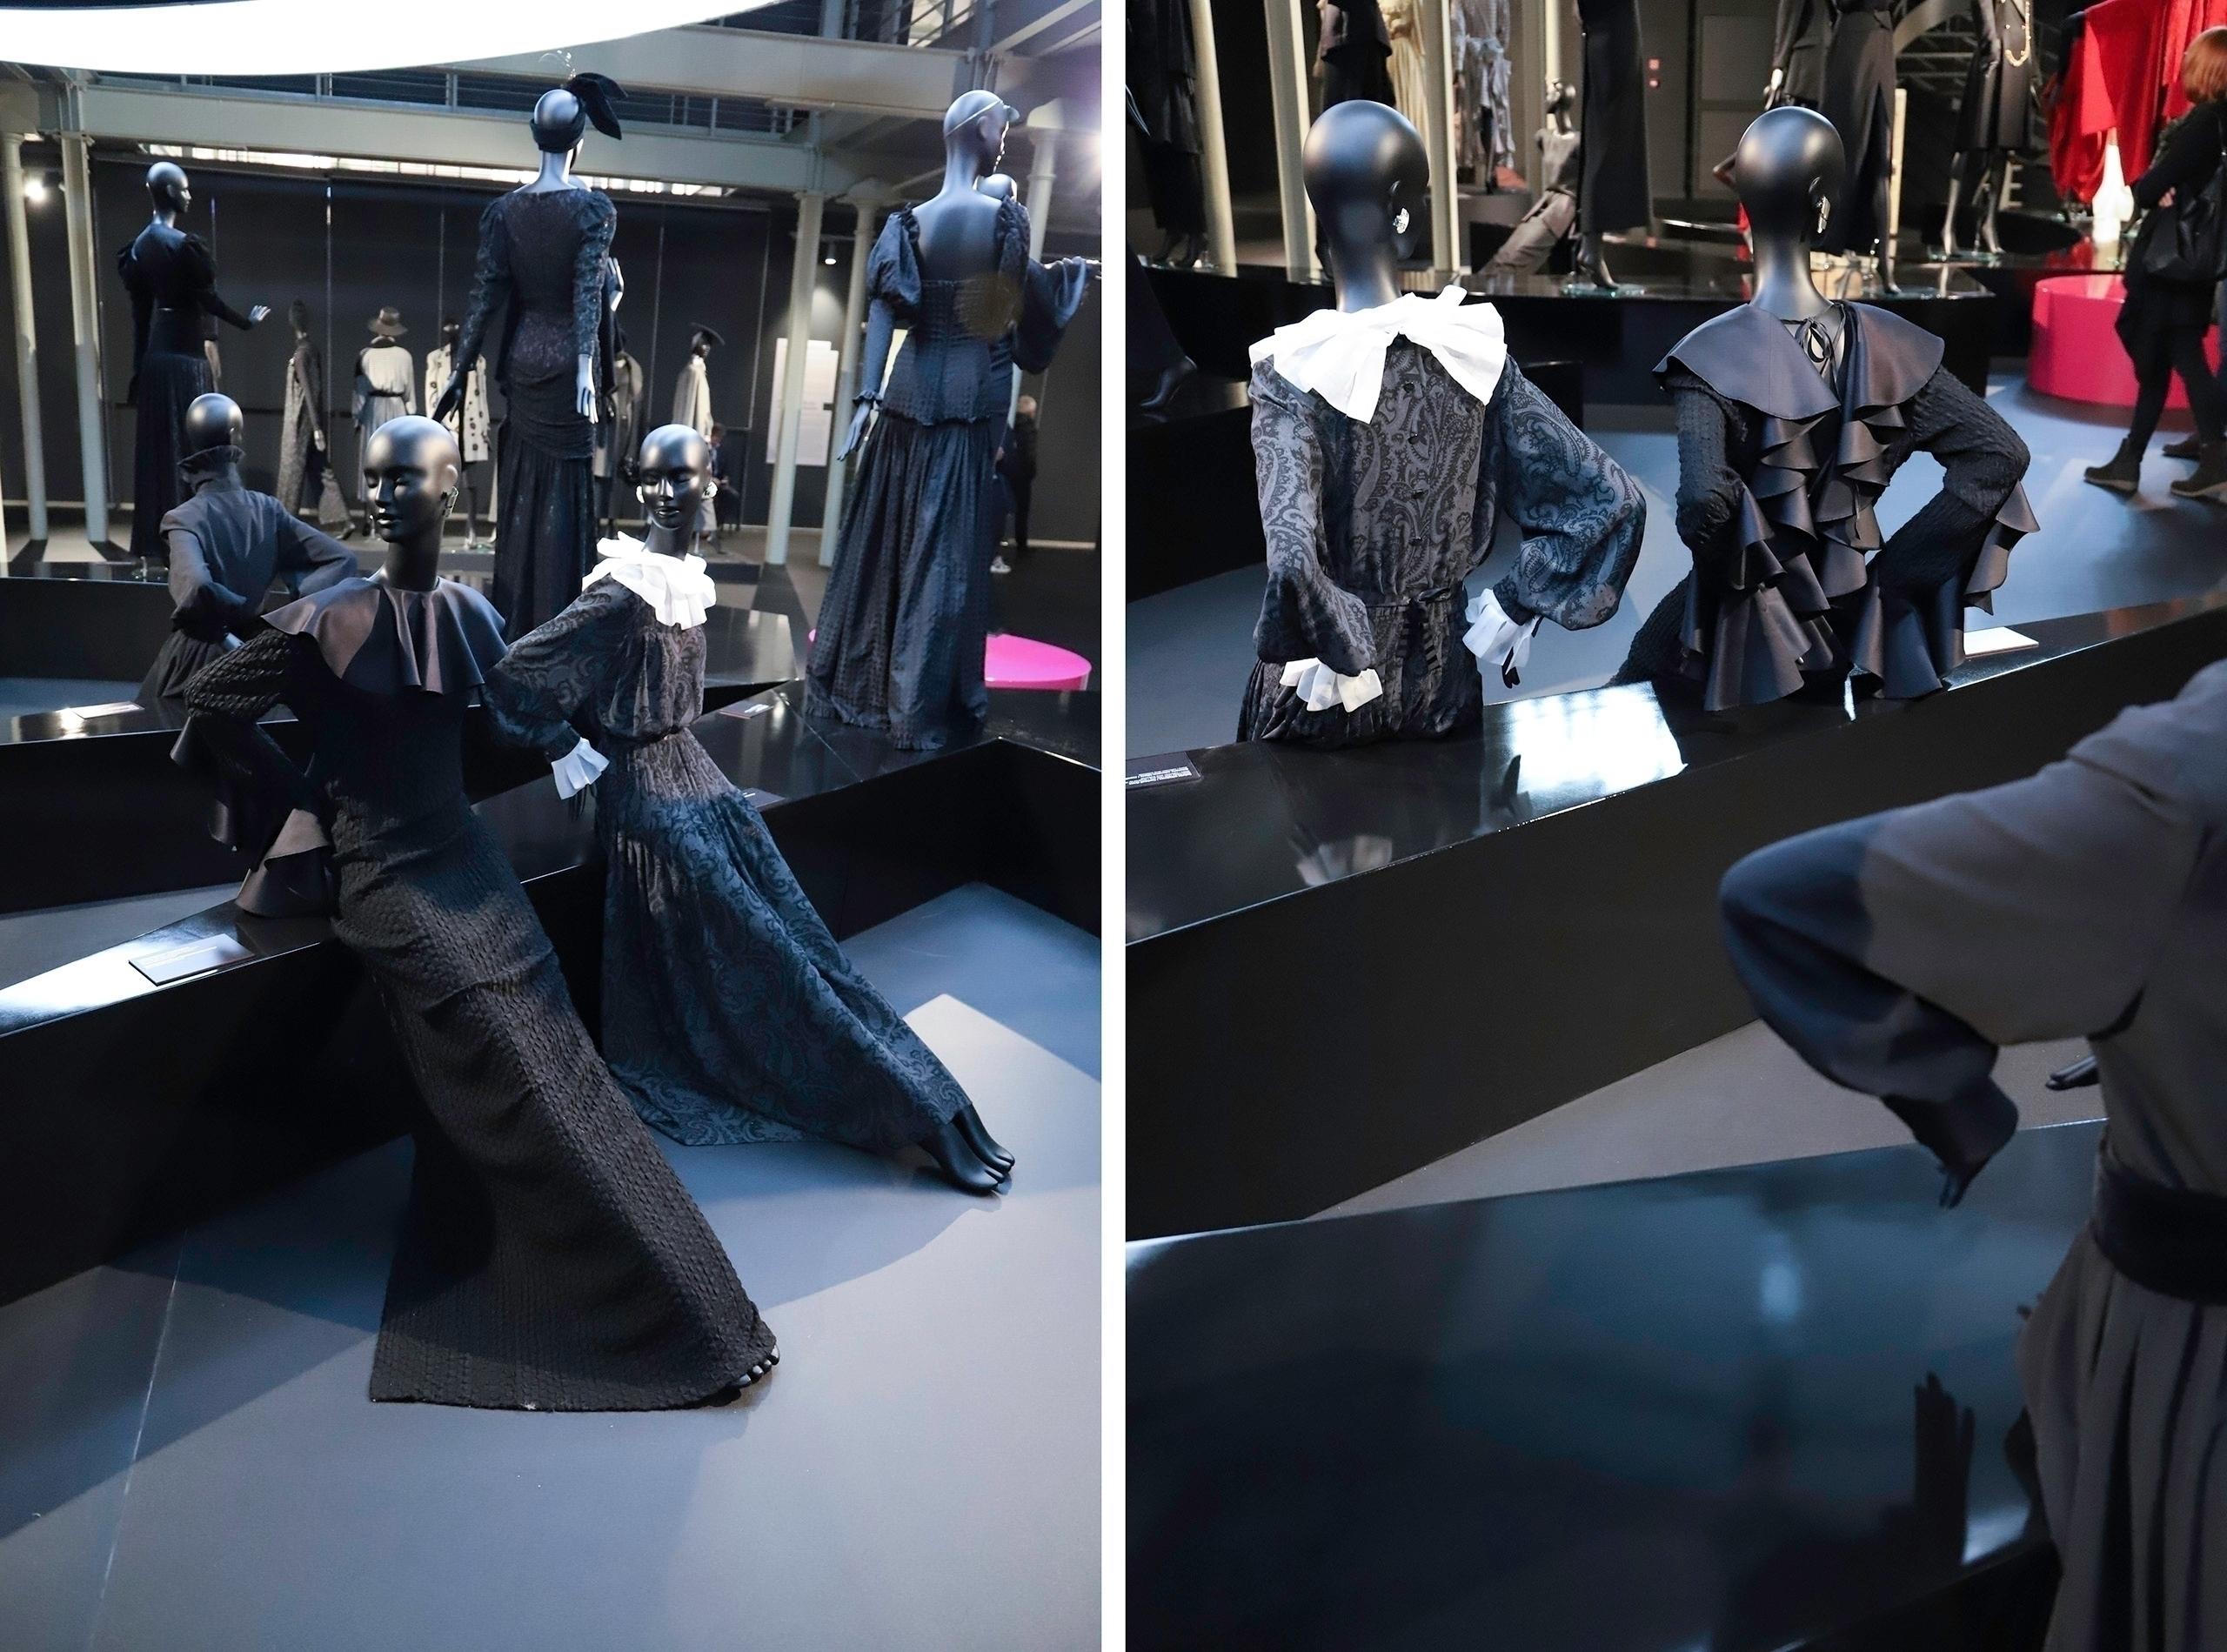 Obraz przedstawia dwa zdjęcia manekinów w różnych pozycjach. Manekiny mają na sobie ciemne ubrania.